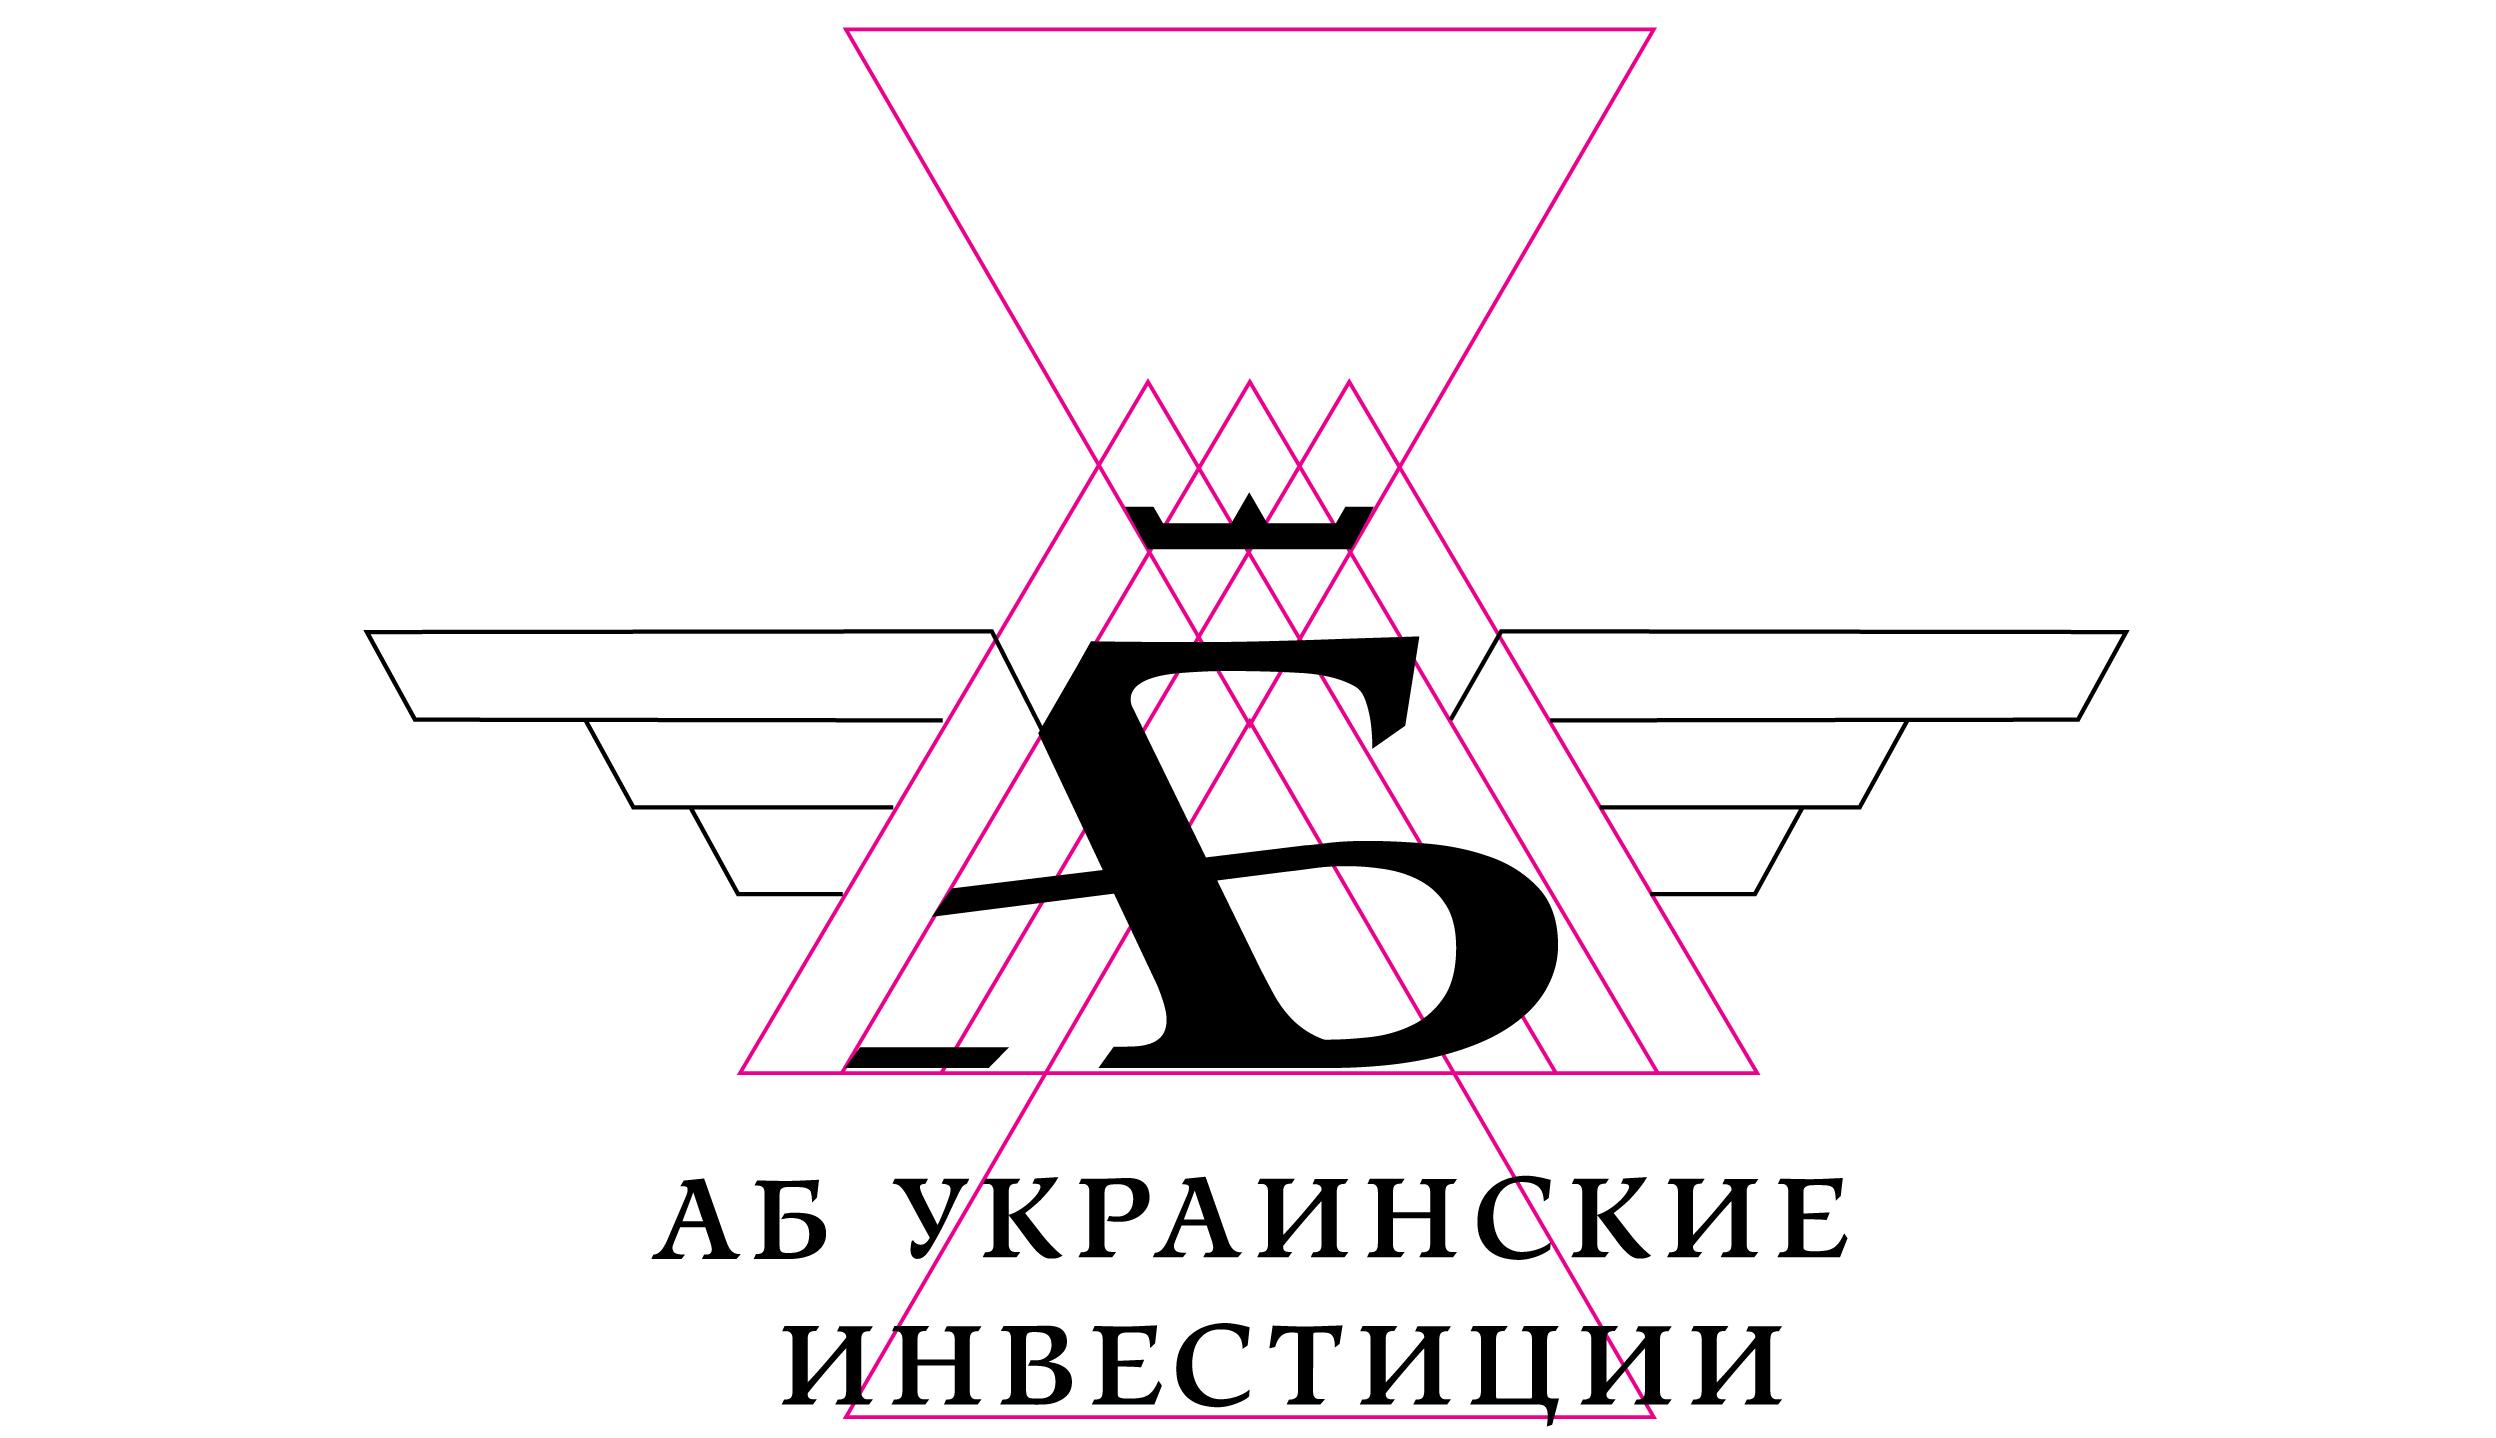 AB_1presentation_logo-6